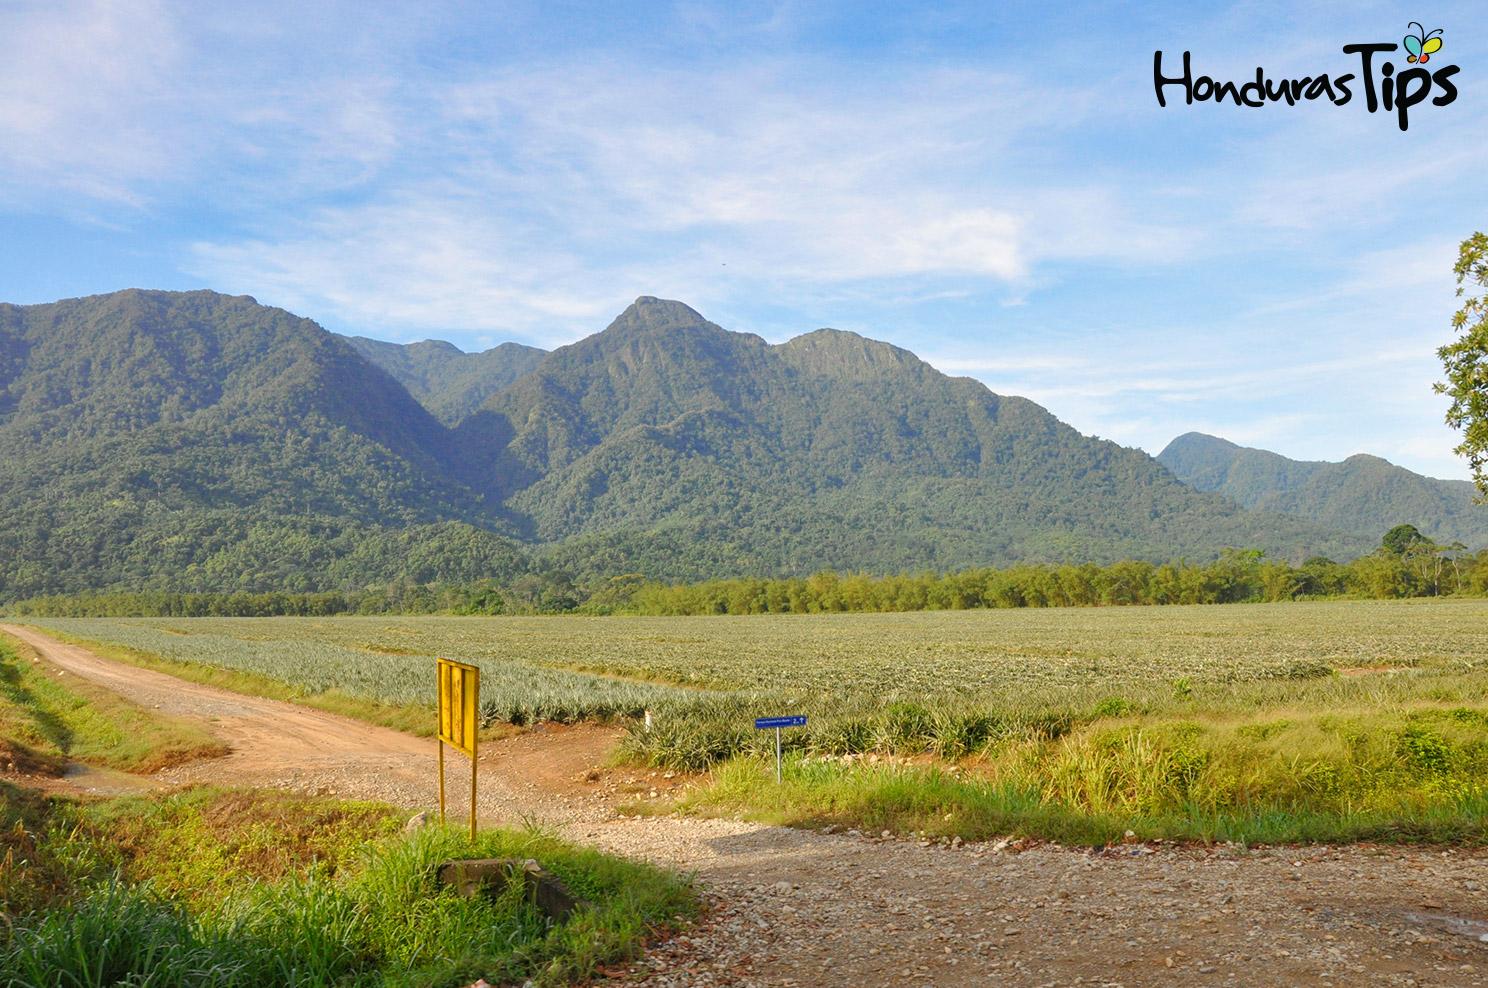 Las piñeras y la vista de Pico Bonito creó suspiros entre los viajeros. Este lugar les indicaba que ya estaban próximos a llegar a La Ceiba.